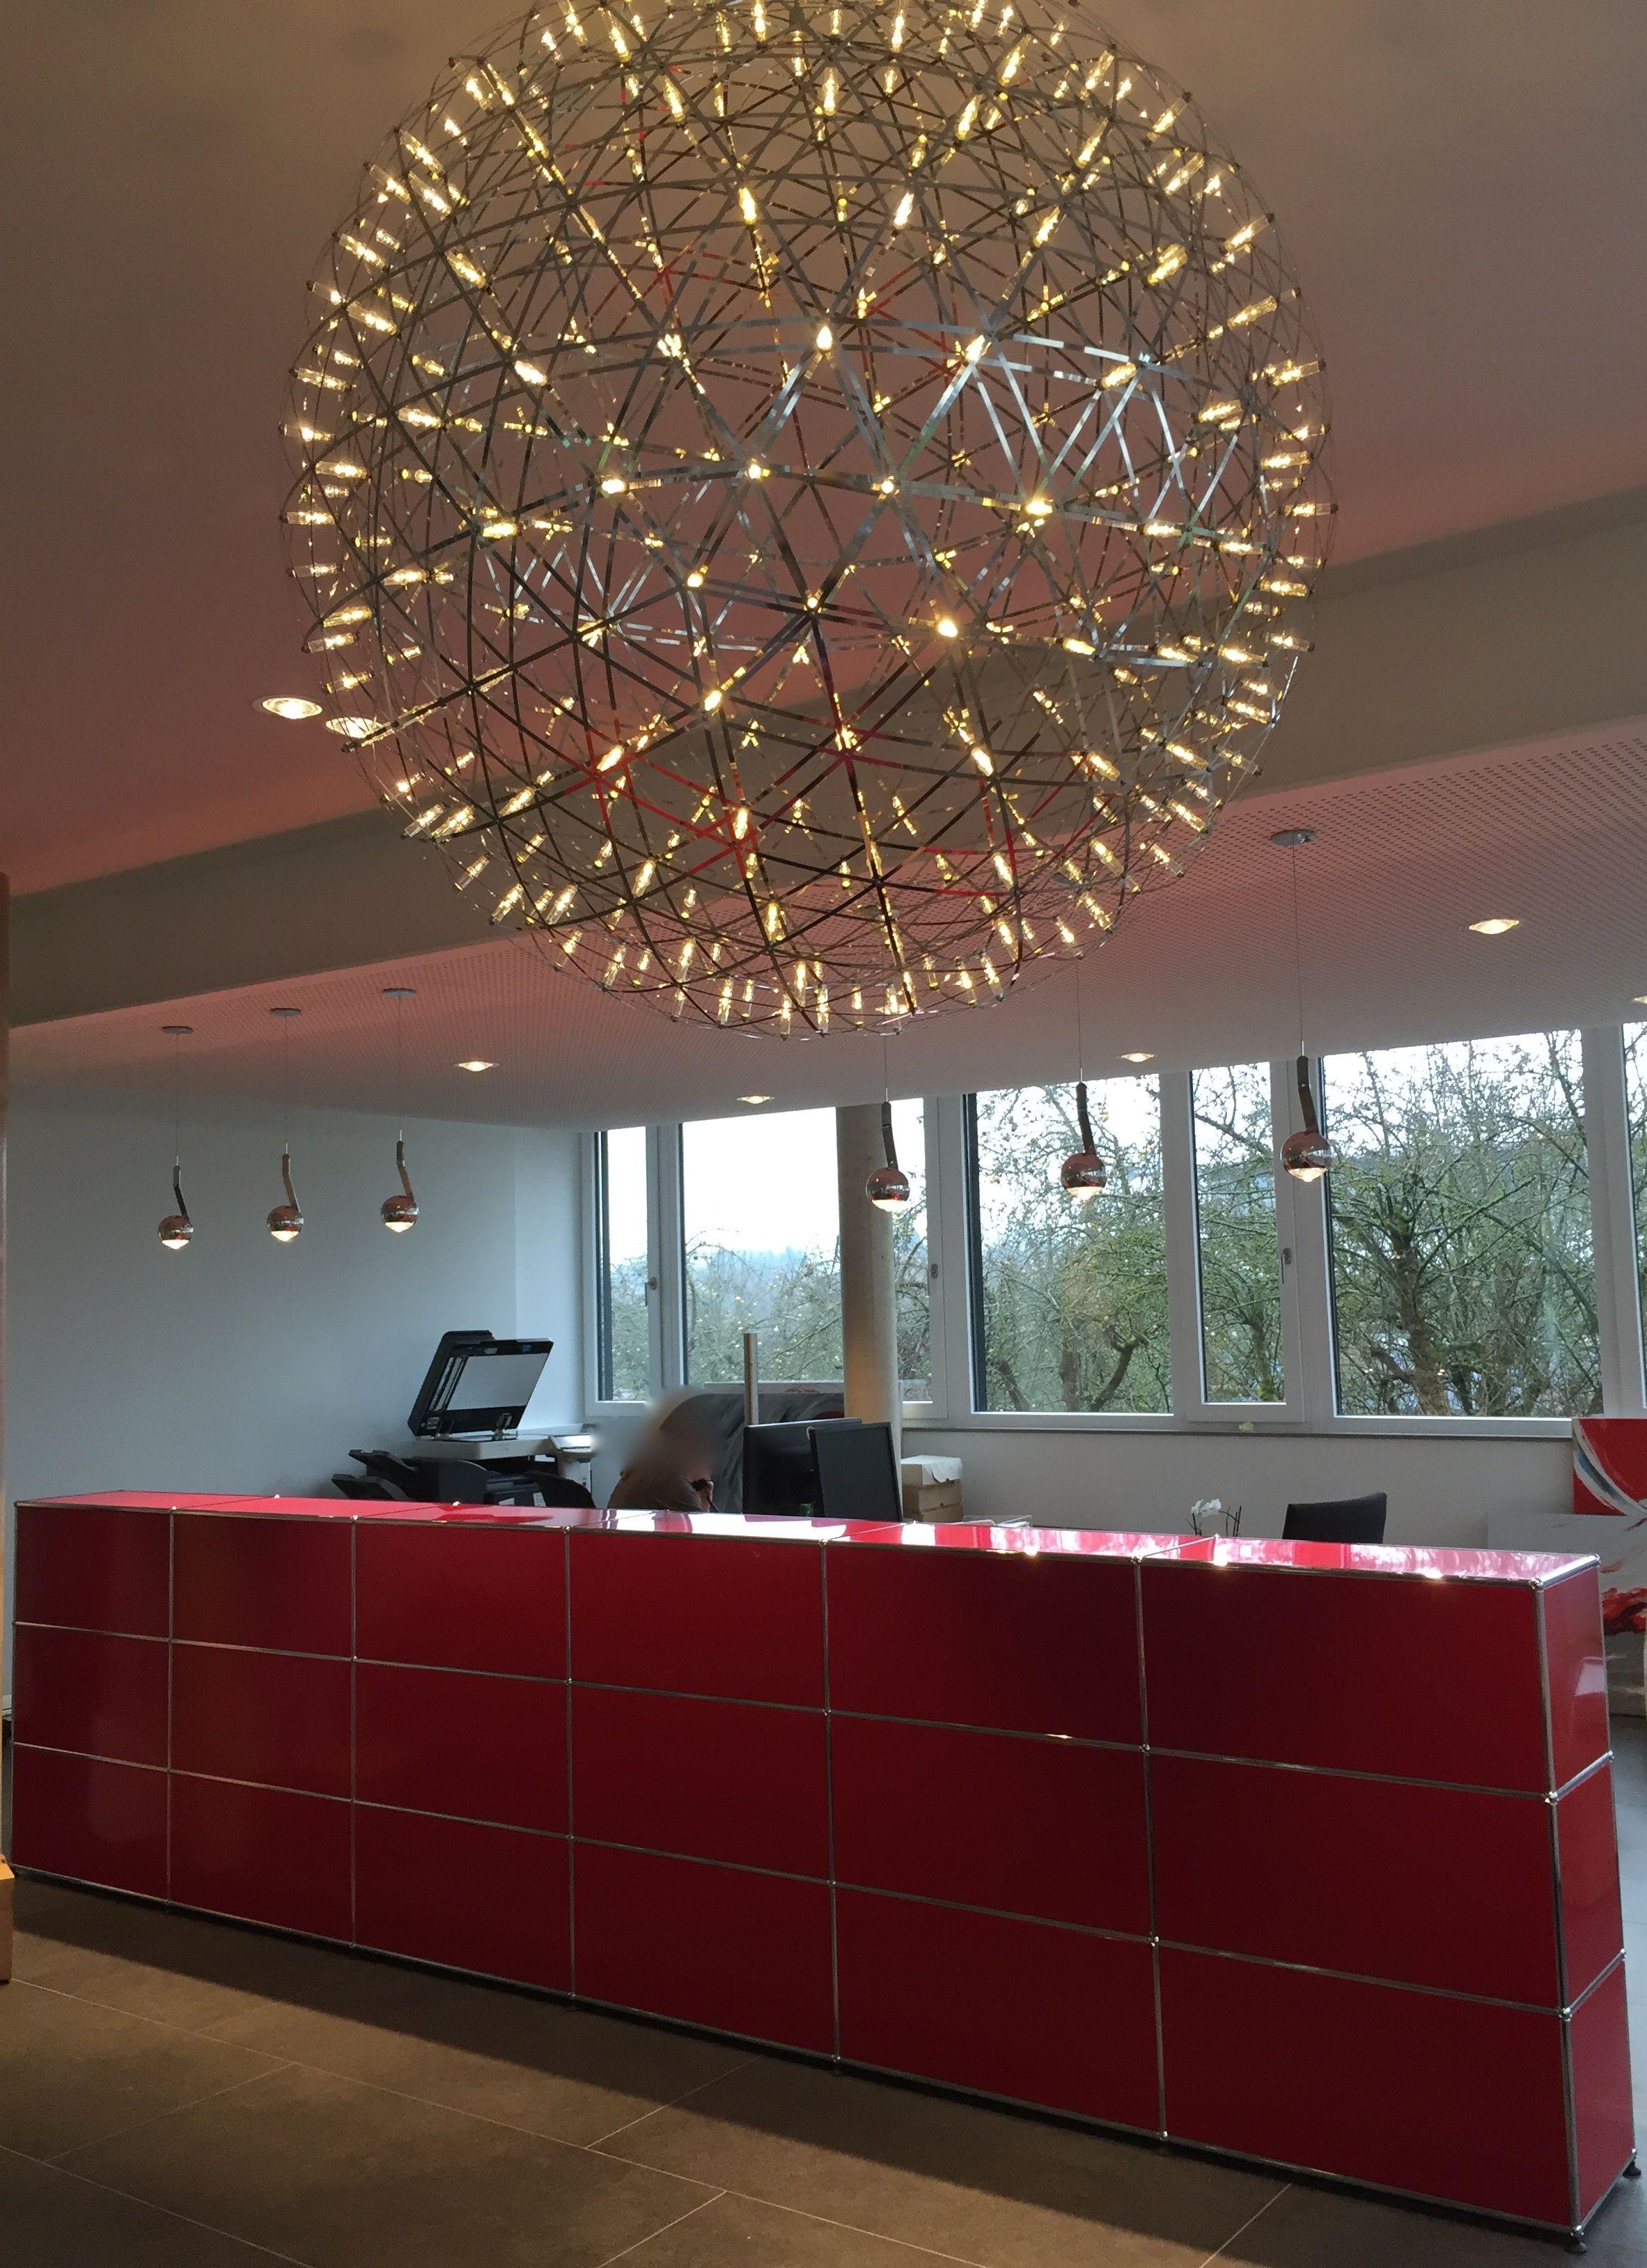 Referenz mit USM Haller, occhio più piano LED Einbauleuchten, und ...